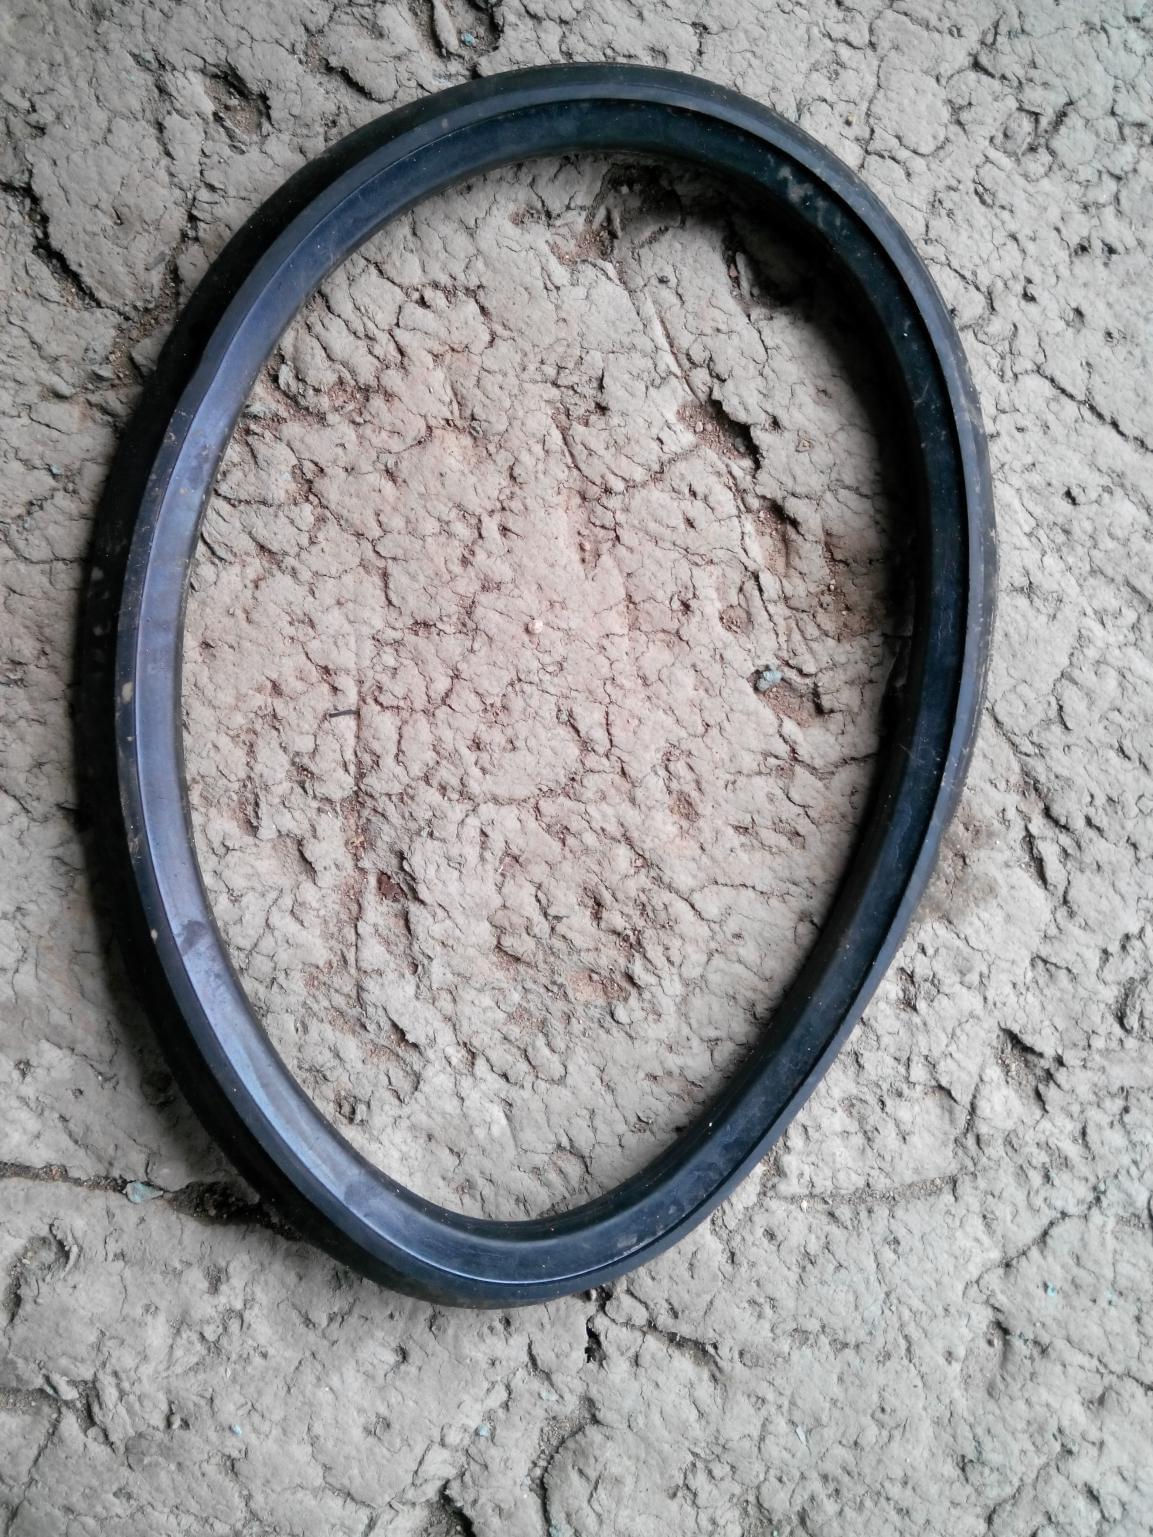 管子与管子相连用皮圈,叫管子用皮圈,常用的有HDPE双壁波纹管、UPVC加筋管、FRPP加筋管、UPVC波纹管,HDPE塑钢缠绕管等,生产厂家一般都配有相应的皮圈,按要求安装即可。 4、其他皮圈:如异径接头用皮圈、马鞍用皮圈、汇合接头用皮圈等等。 总之,无锡正林建材塑料检查井之配件皮圈、品种齐全,经验丰富、是理想的产品供应商。